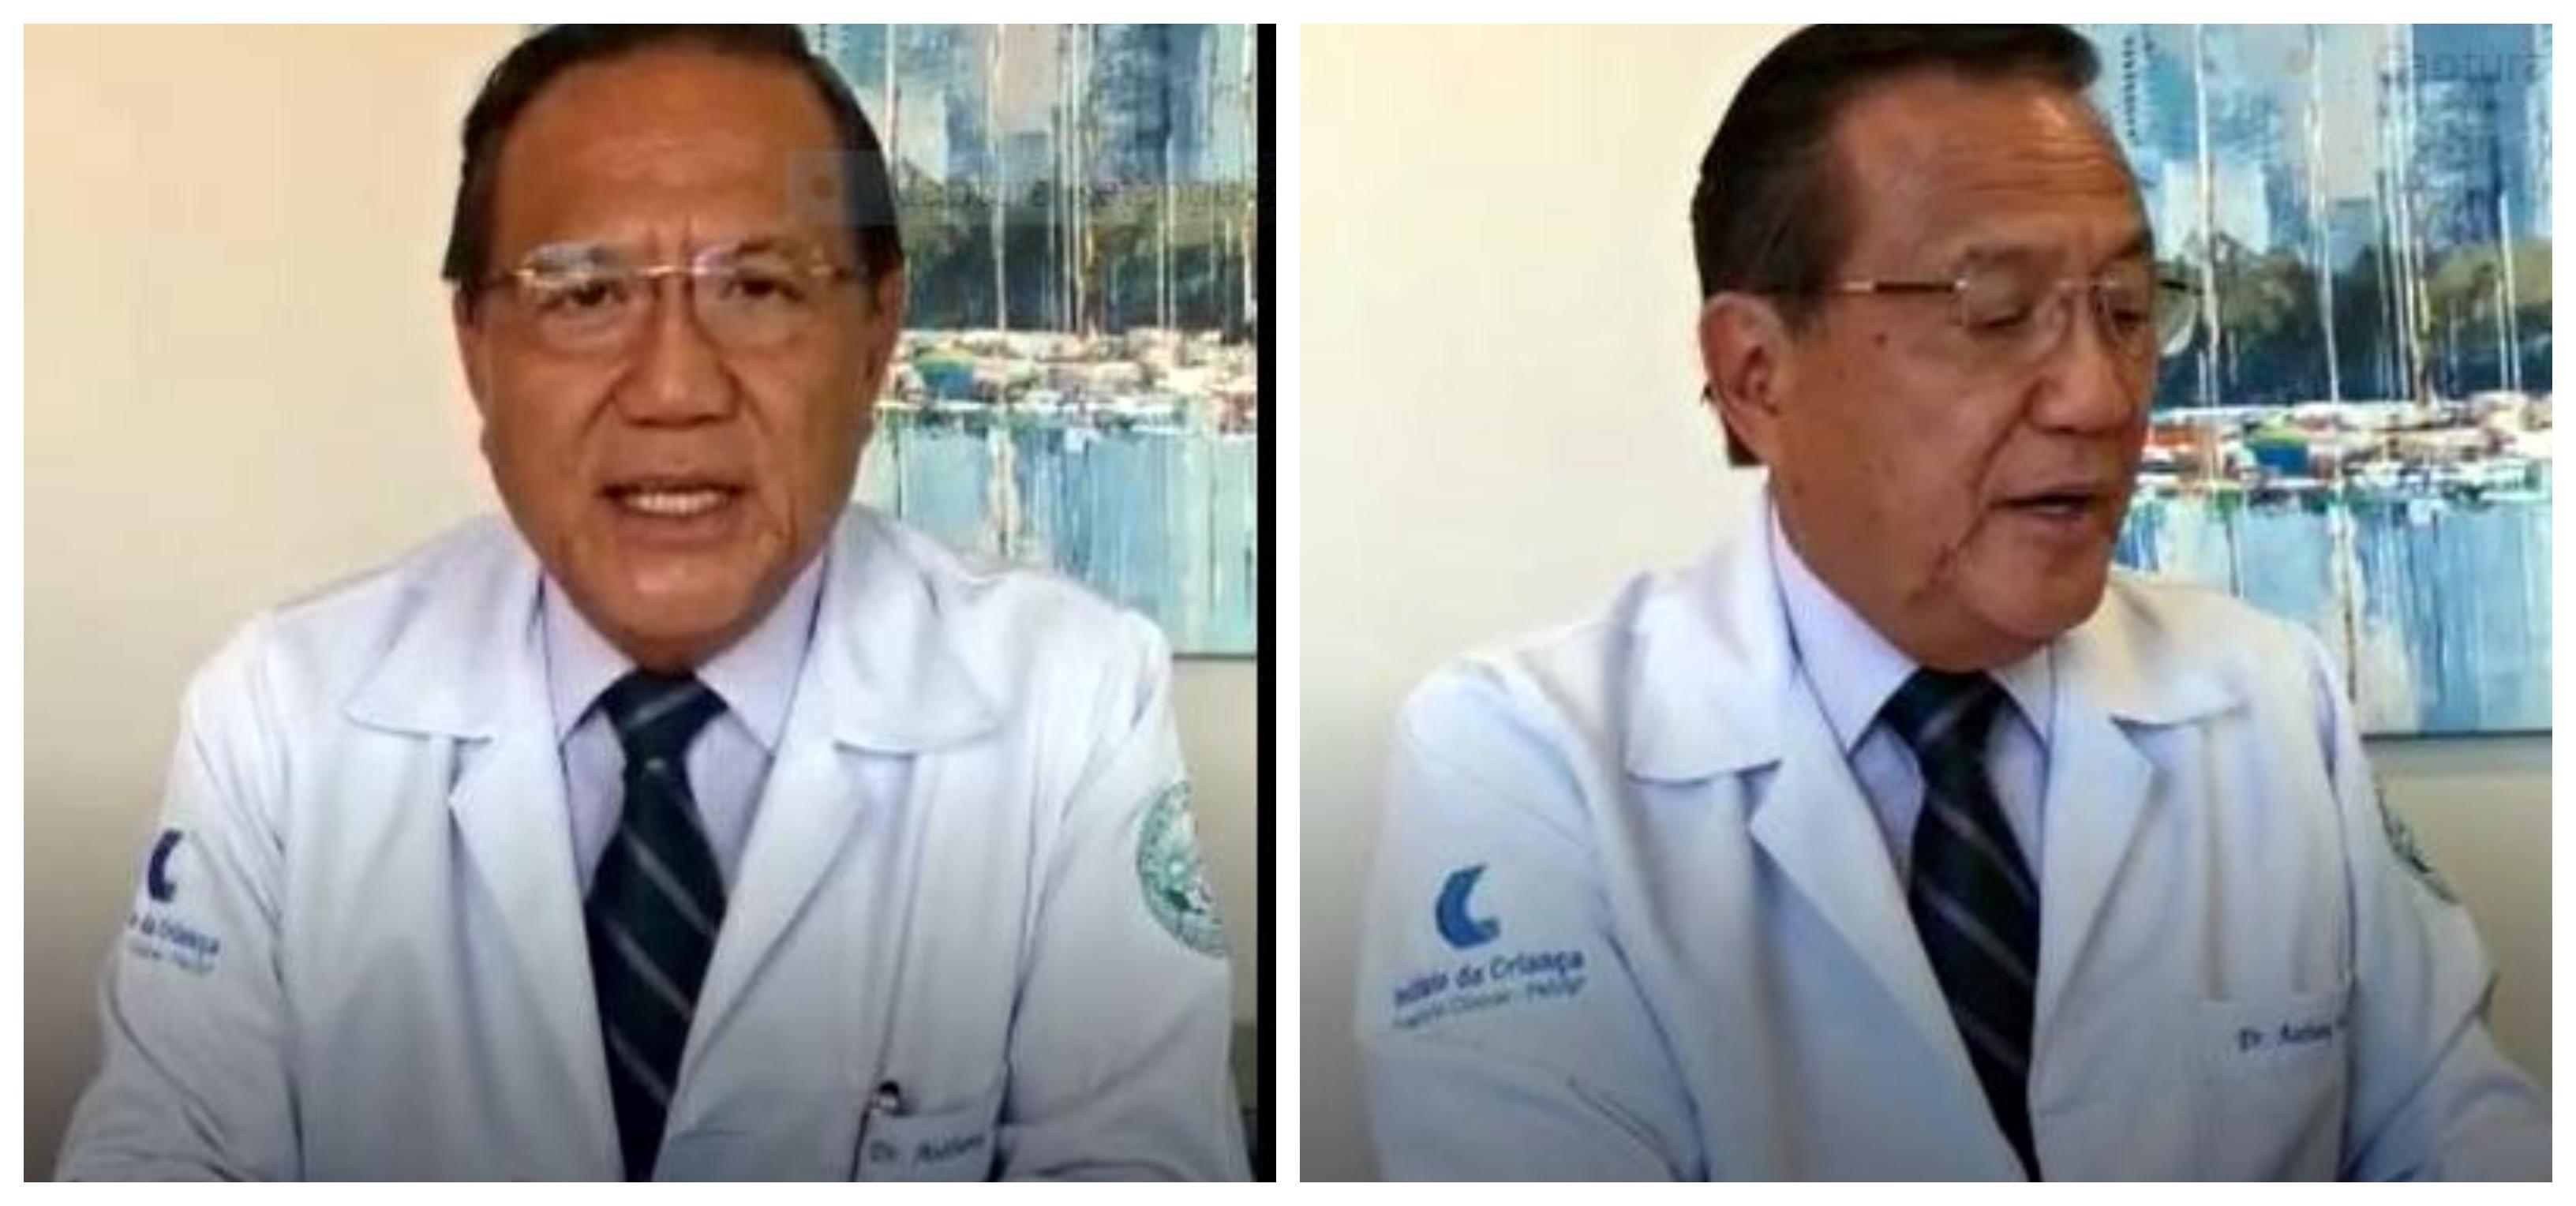 Medicina da USP e Hospital das Clínicas alertam: Opiniões de Anthony Wongsobre Covid-19 não representam posição da instituição; vídeo